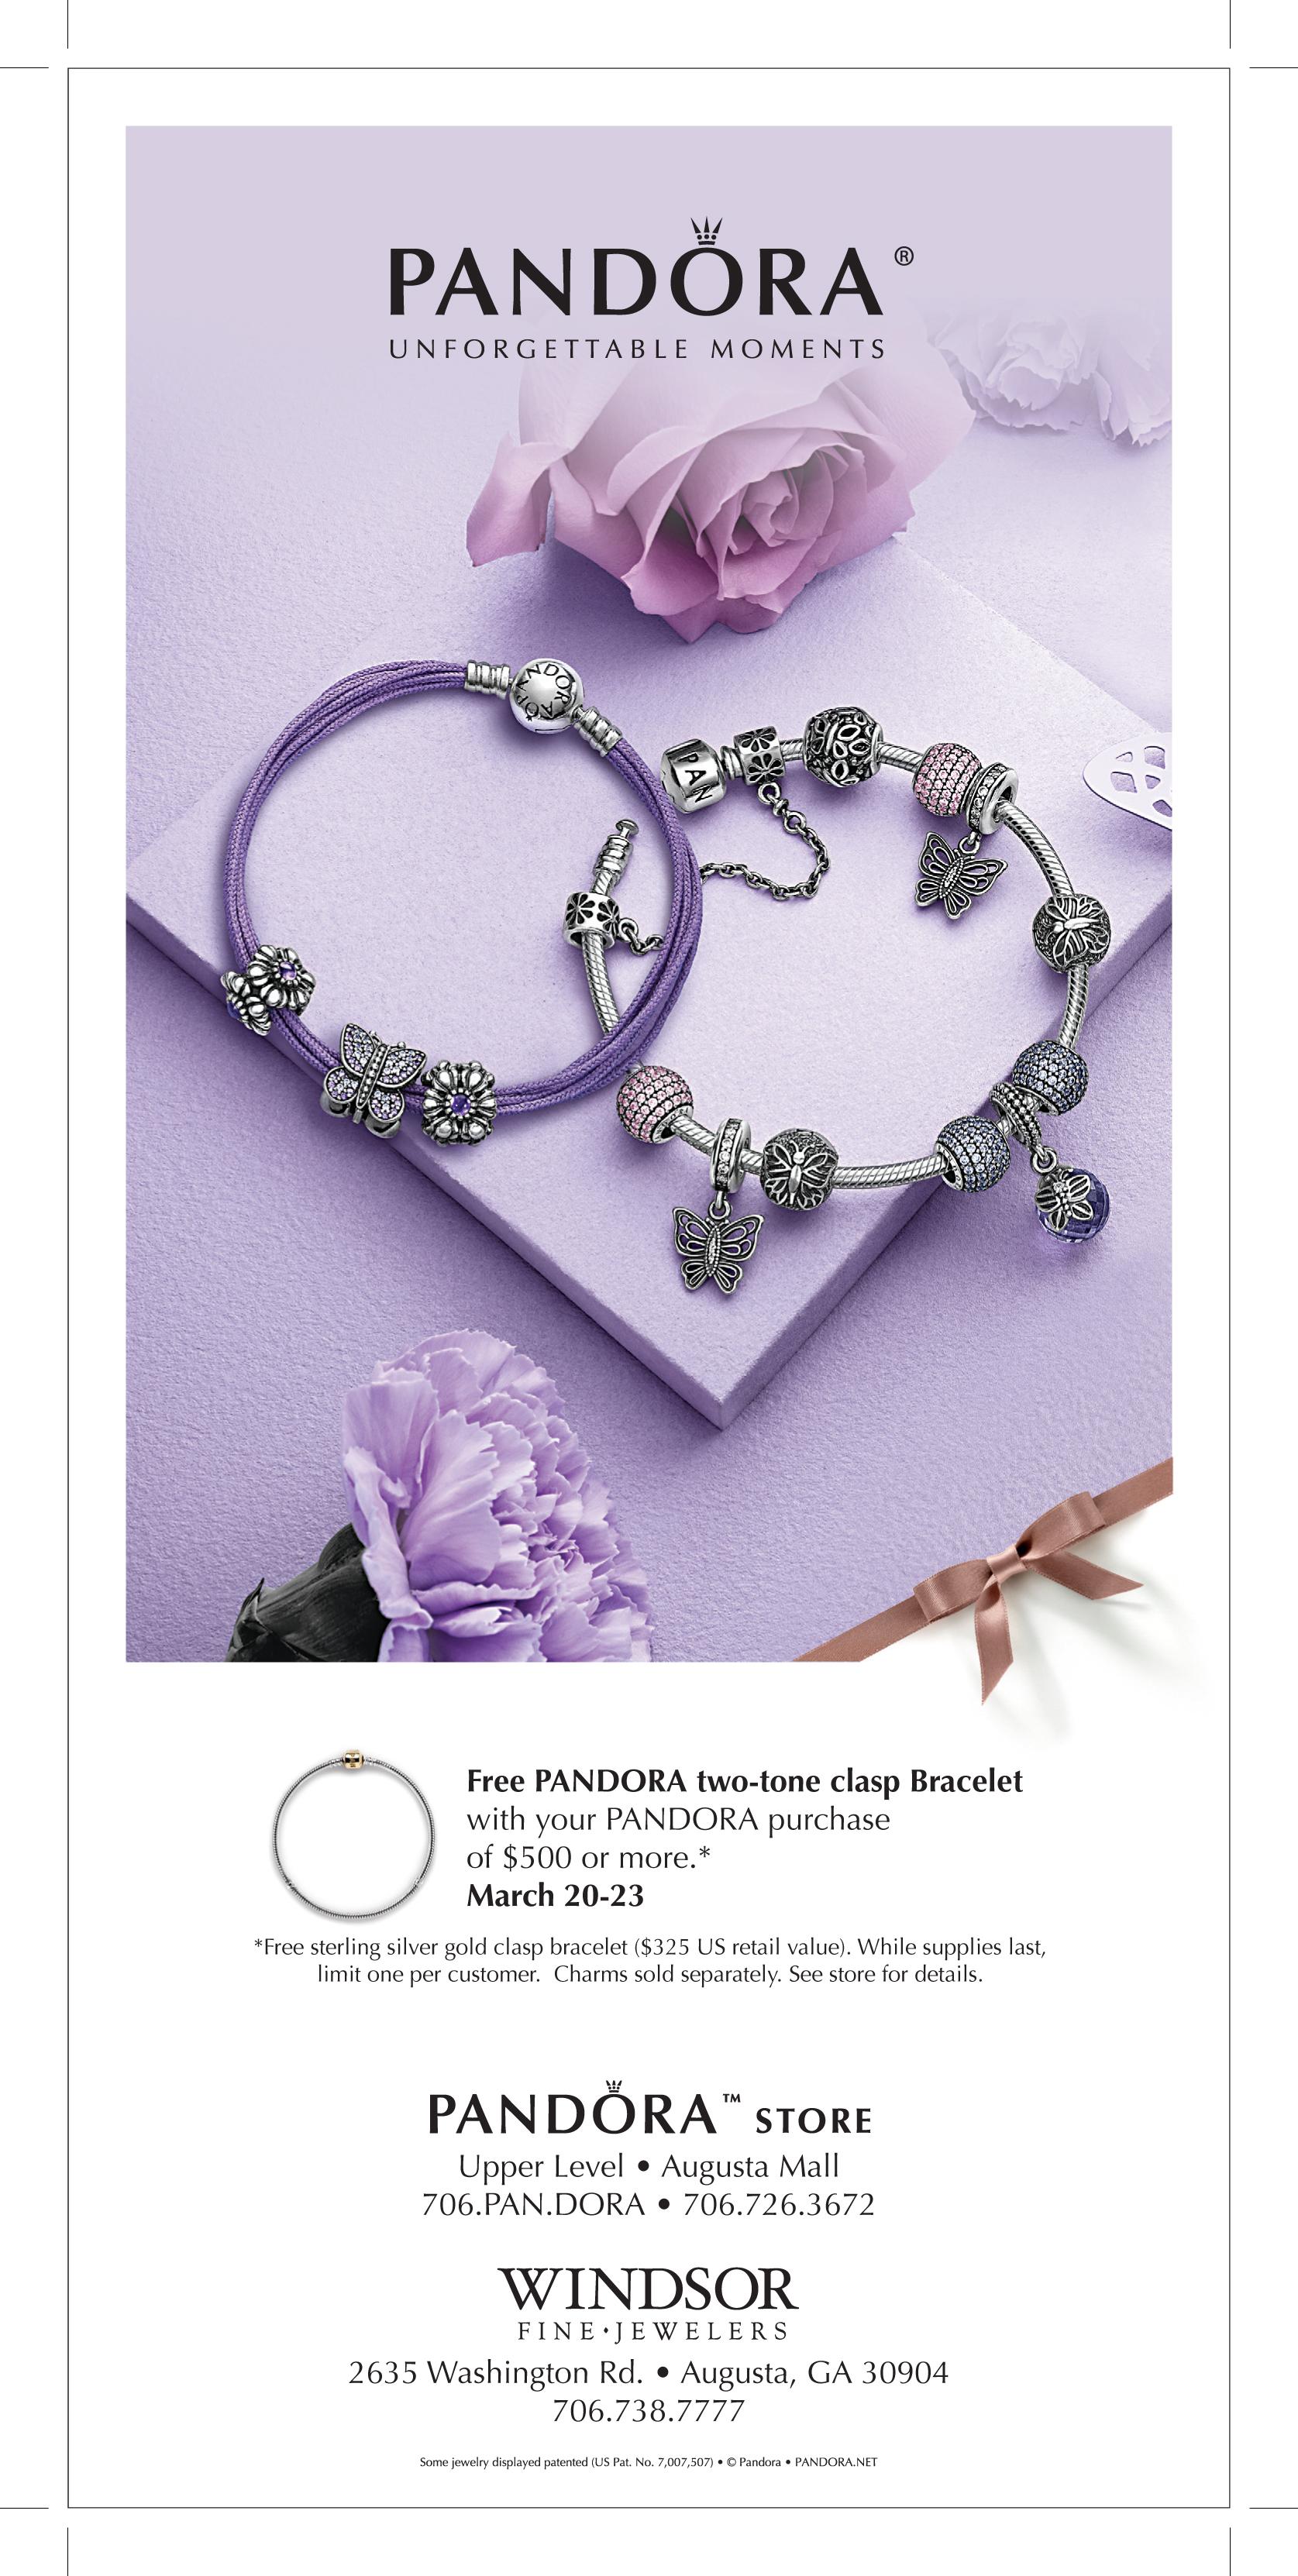 2014 March Windsor Fine Jewelers